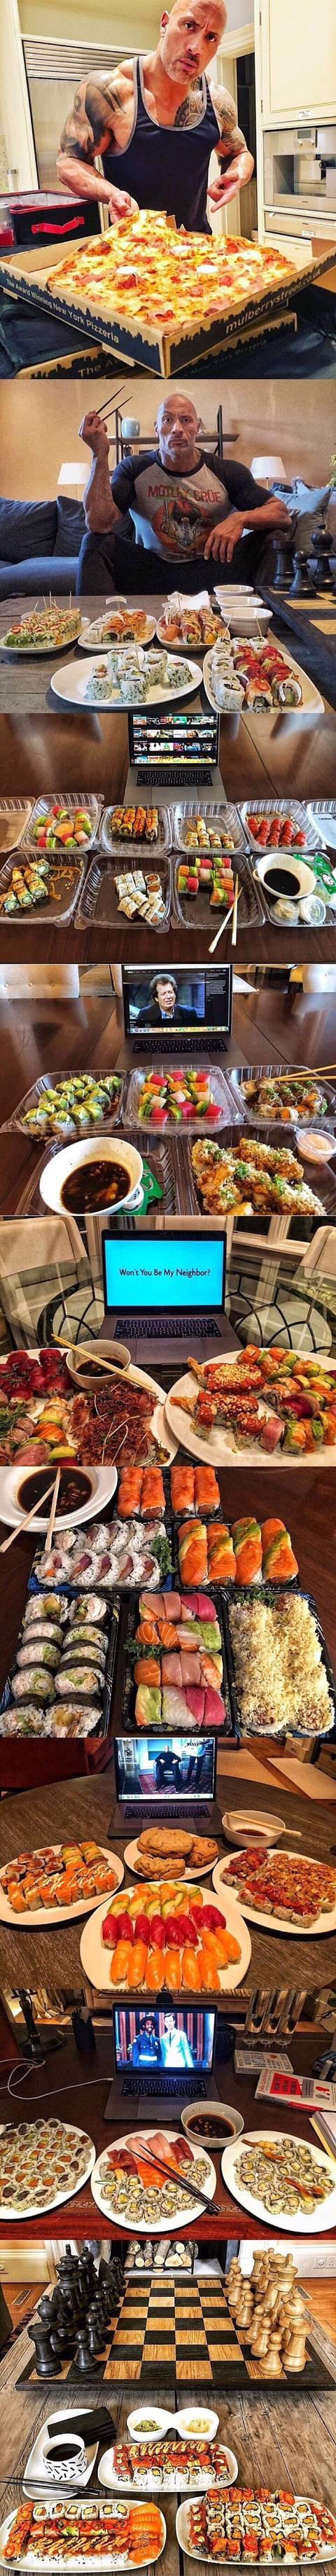 드웨인 존슨(더락) 한끼 식사 모음.jpg | 인스티즈